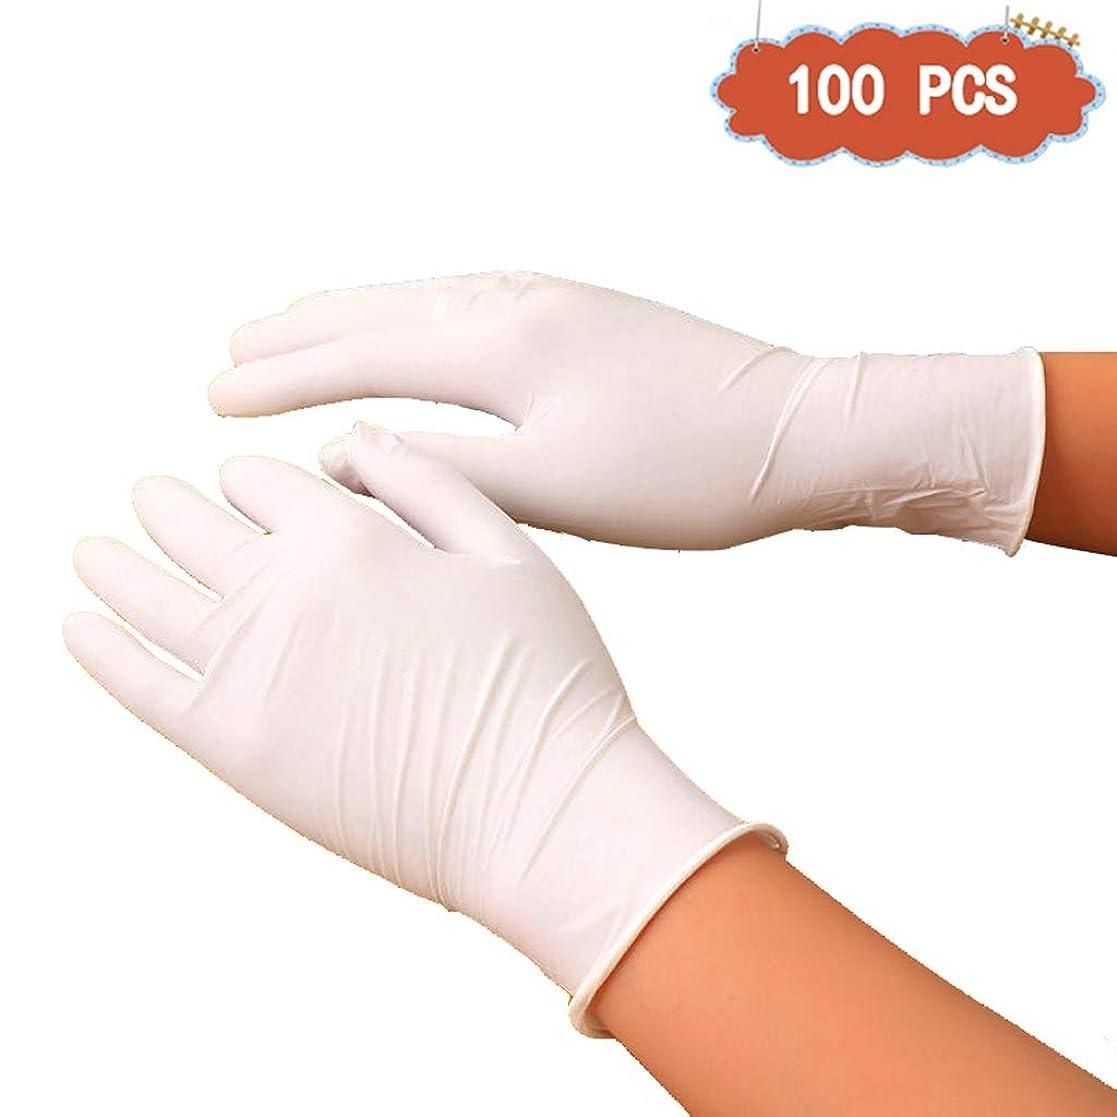 名誉ある効率的にドールニトリルホームクリーニングと酸とアルカリ使い捨て手袋ペットケアネイルアート検査保護実験、美容院ラテックスフリー、パウダーフリー、両手利き、100個 (Color : White, Size : M)